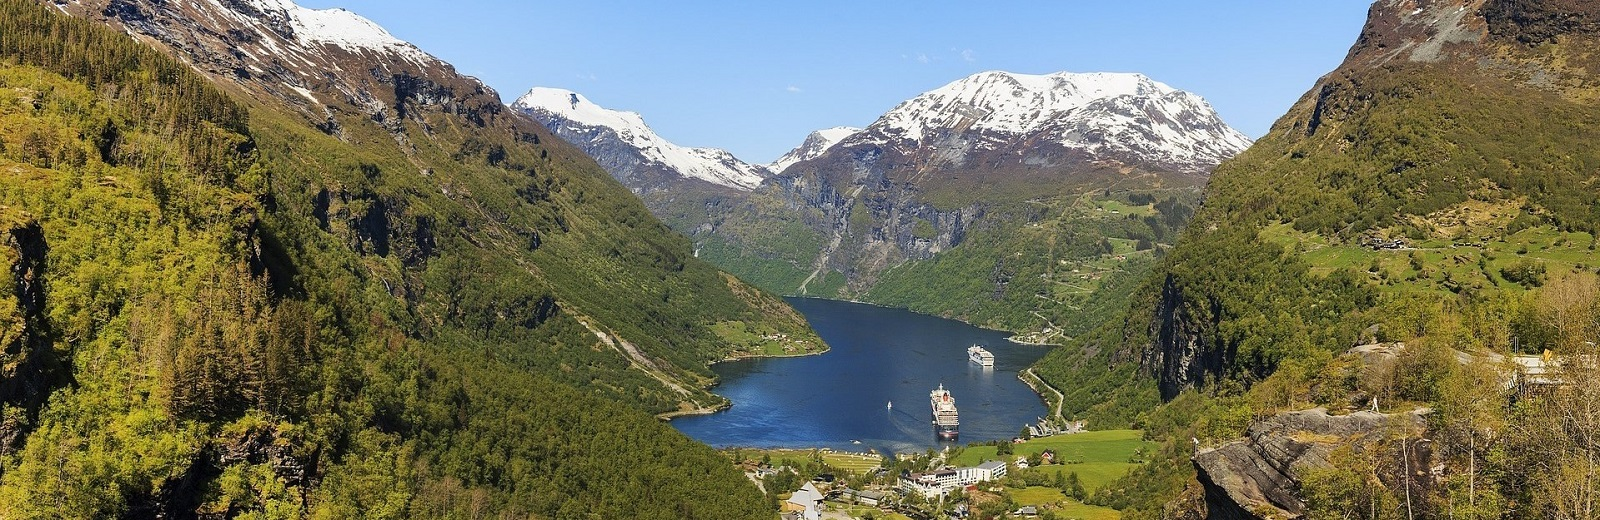 grønne fjell omringer fjorden i Geiranger hvor hurtigruten legger inn til kai